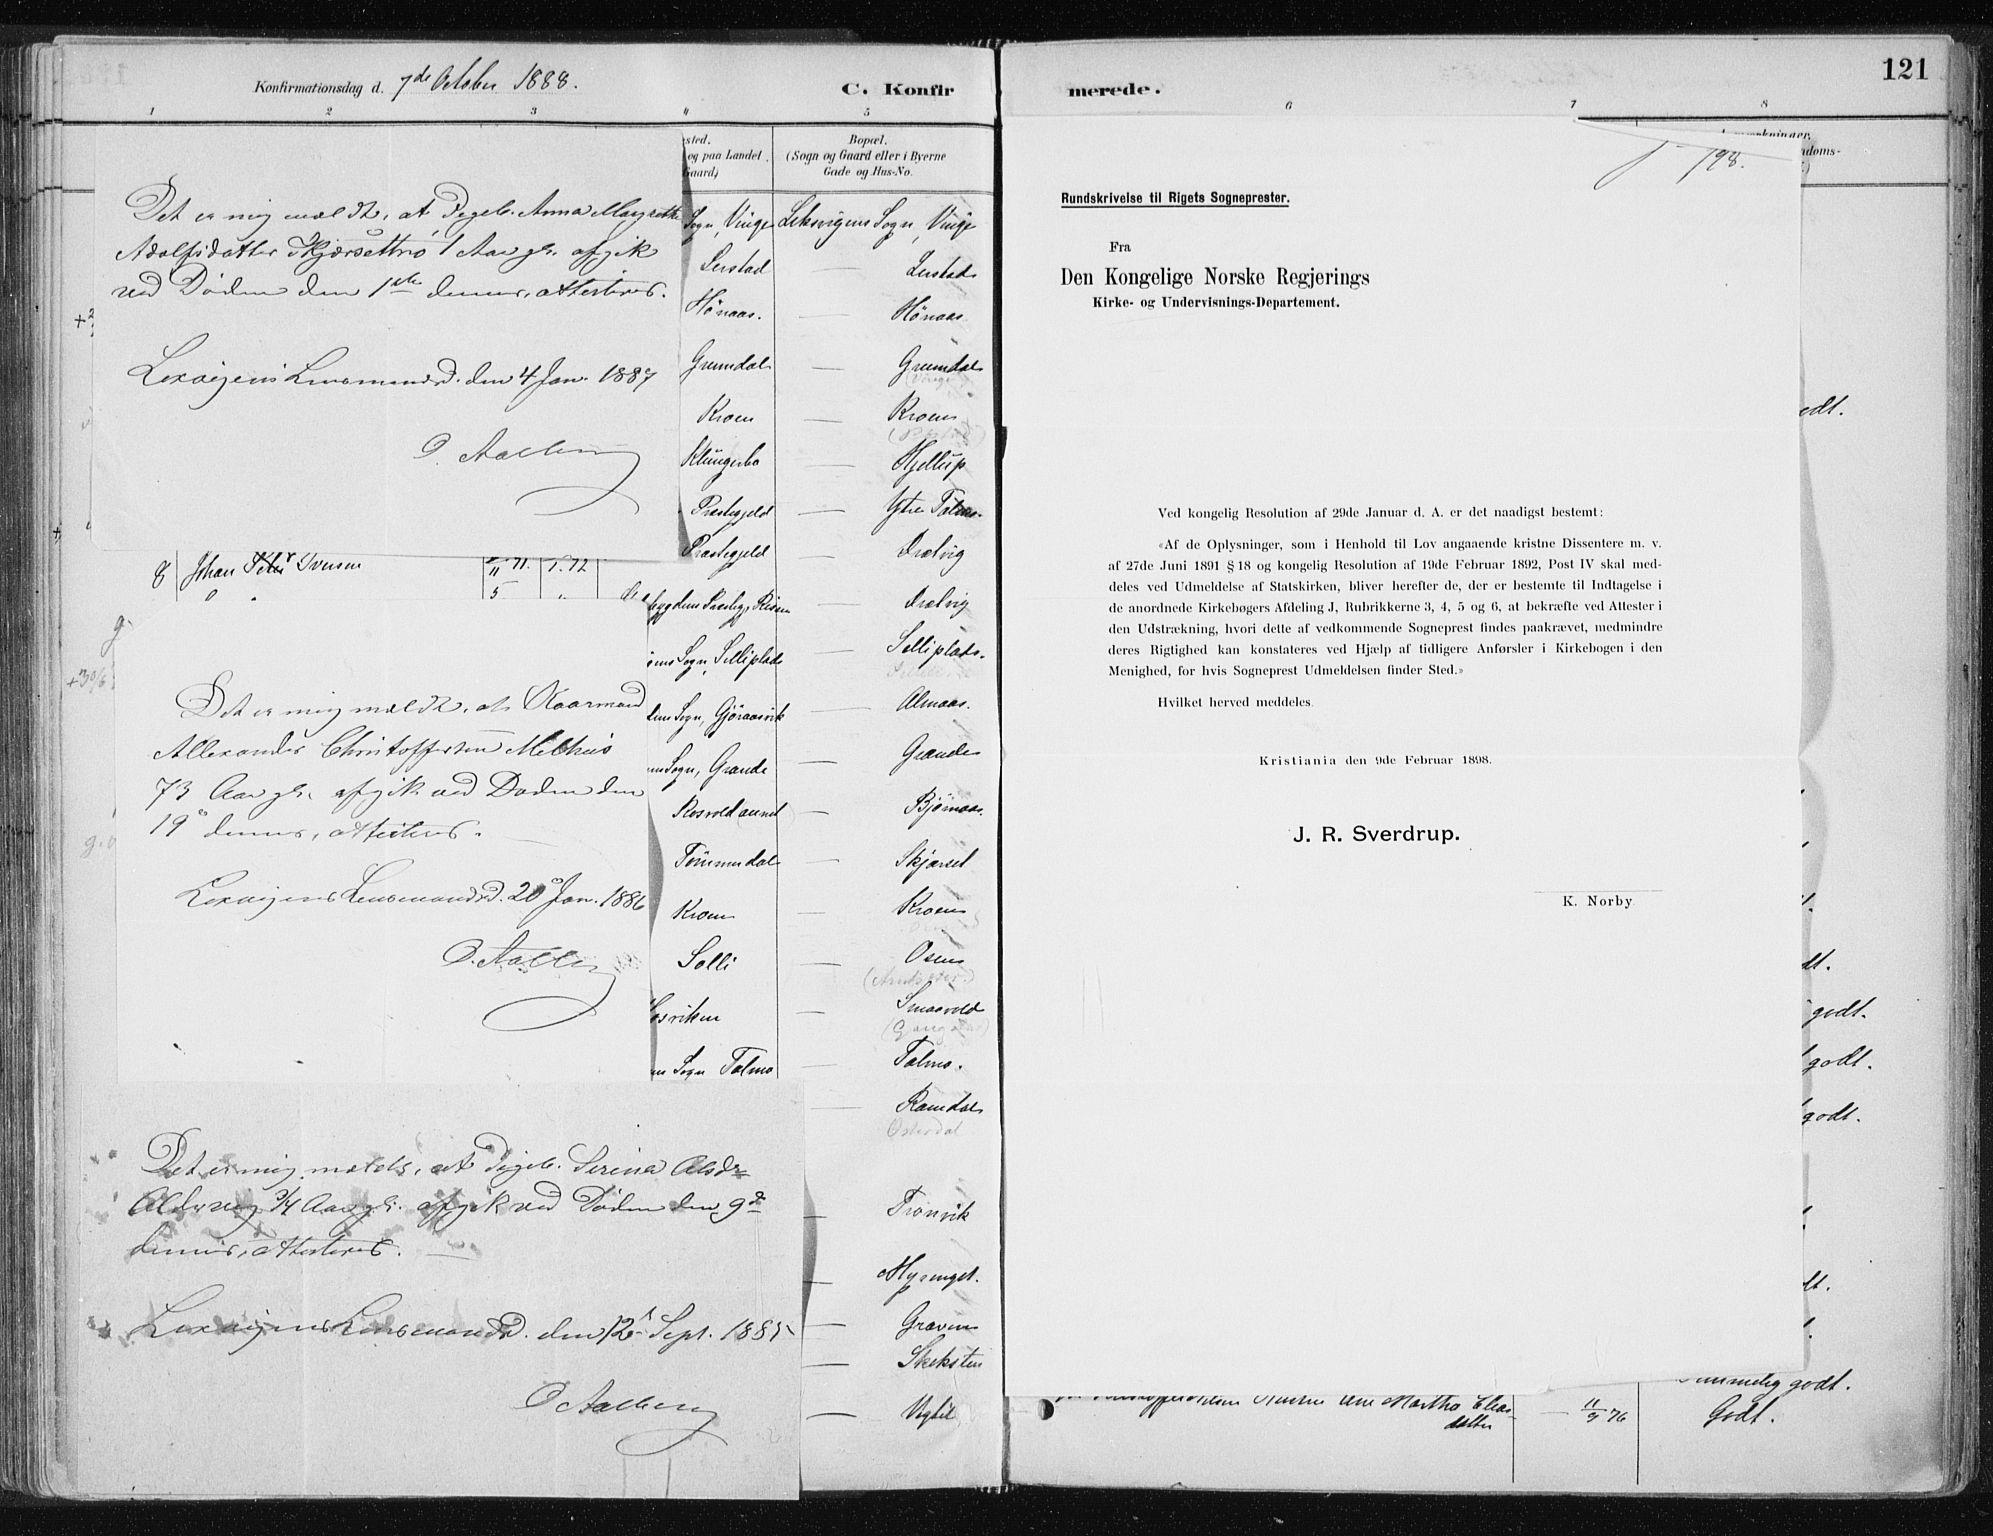 SAT, Ministerialprotokoller, klokkerbøker og fødselsregistre - Nord-Trøndelag, 701/L0010: Ministerialbok nr. 701A10, 1883-1899, s. 121